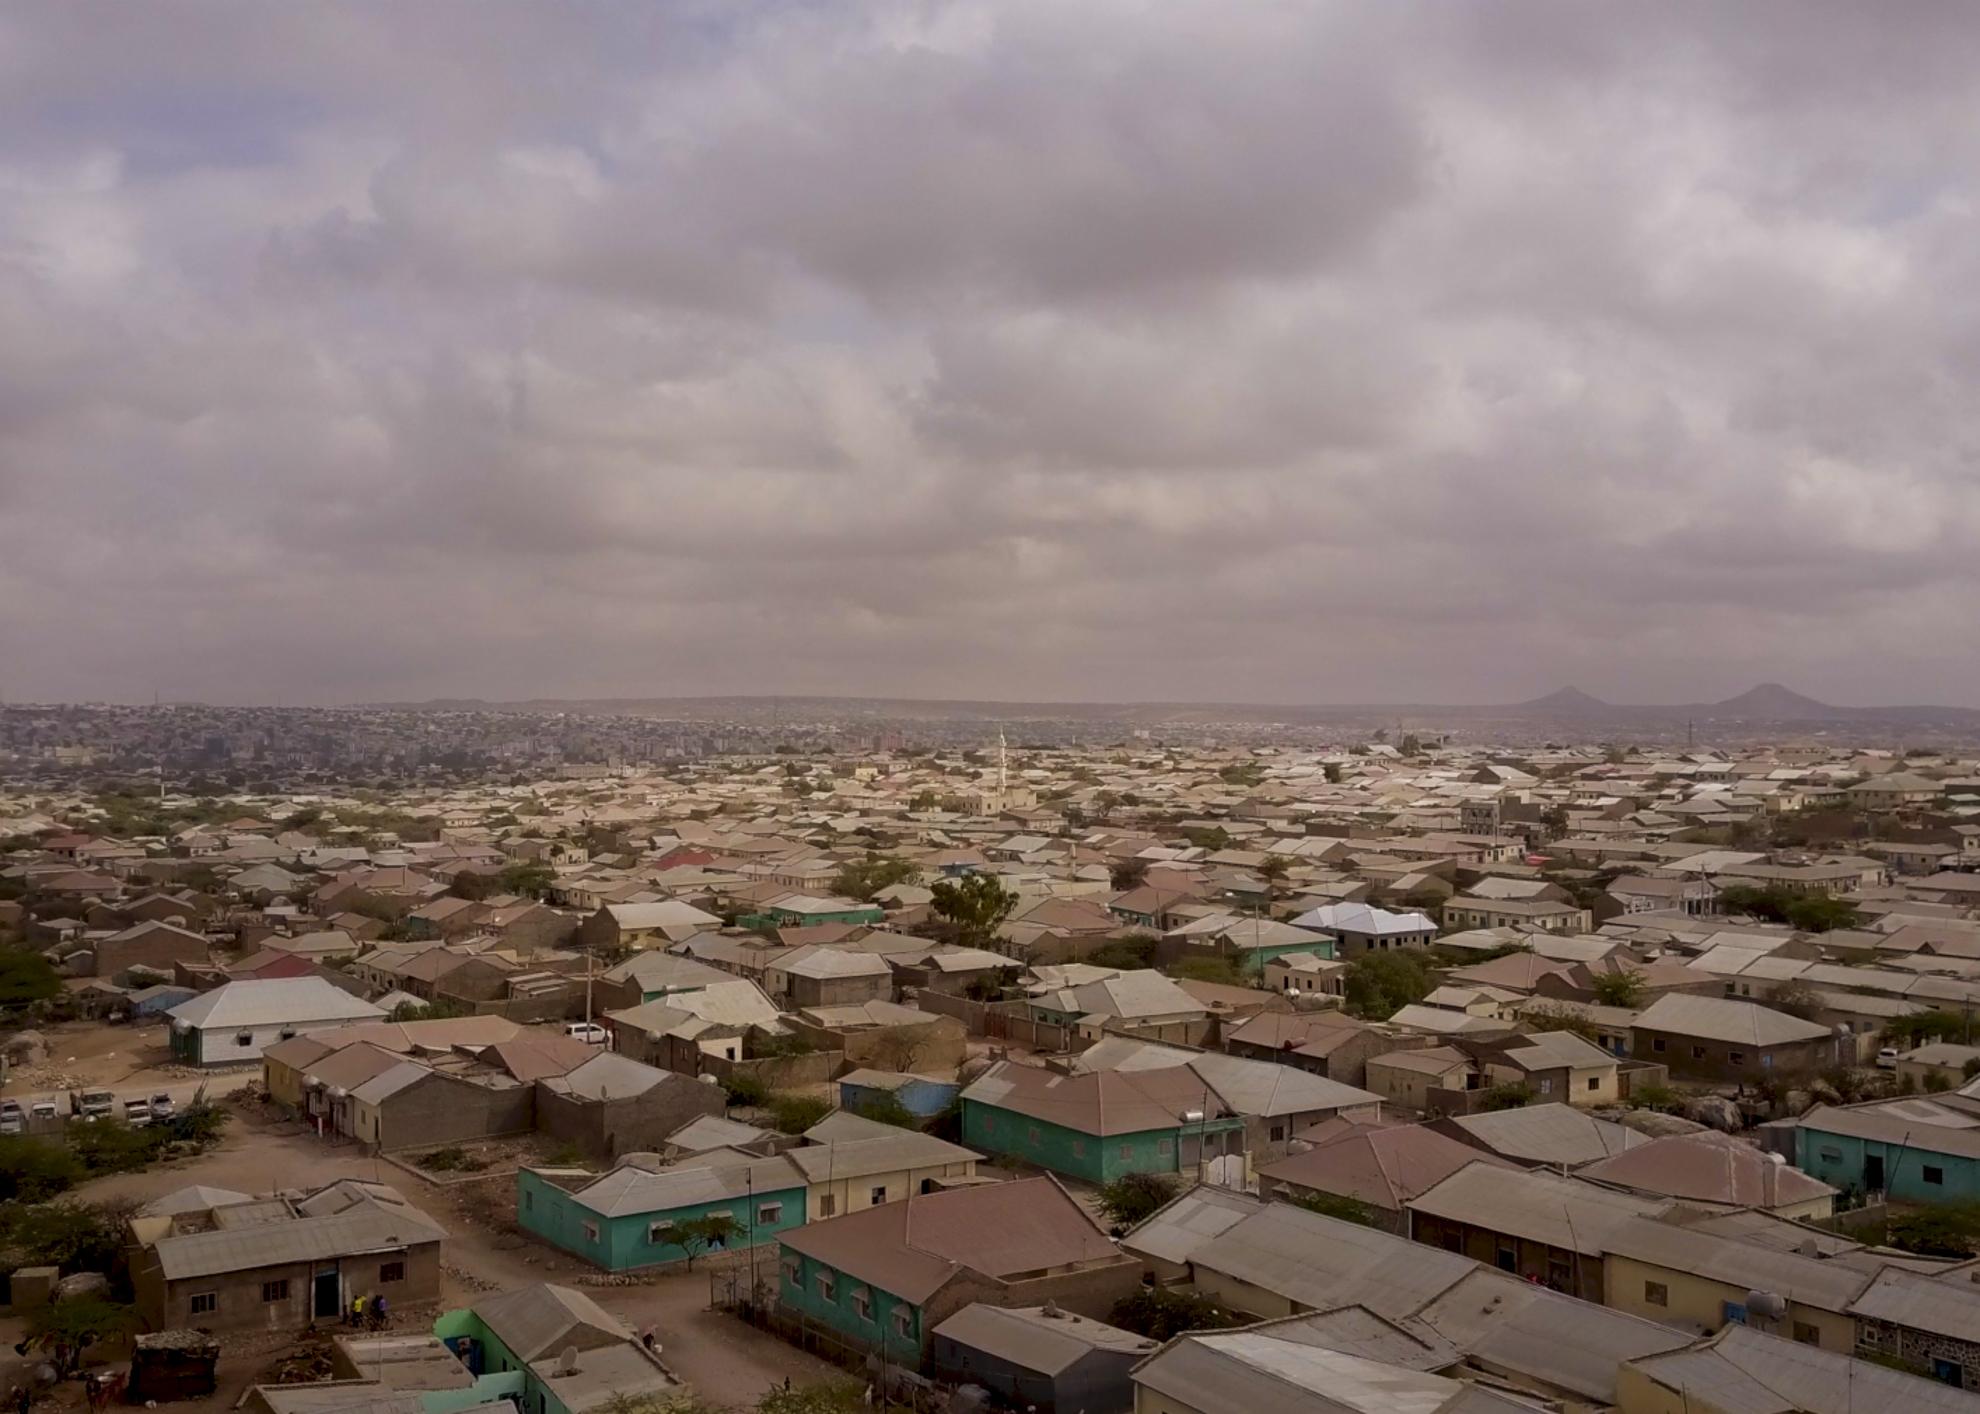 IPPF_Somaliland_ZFlood-Aerial_011.jpg